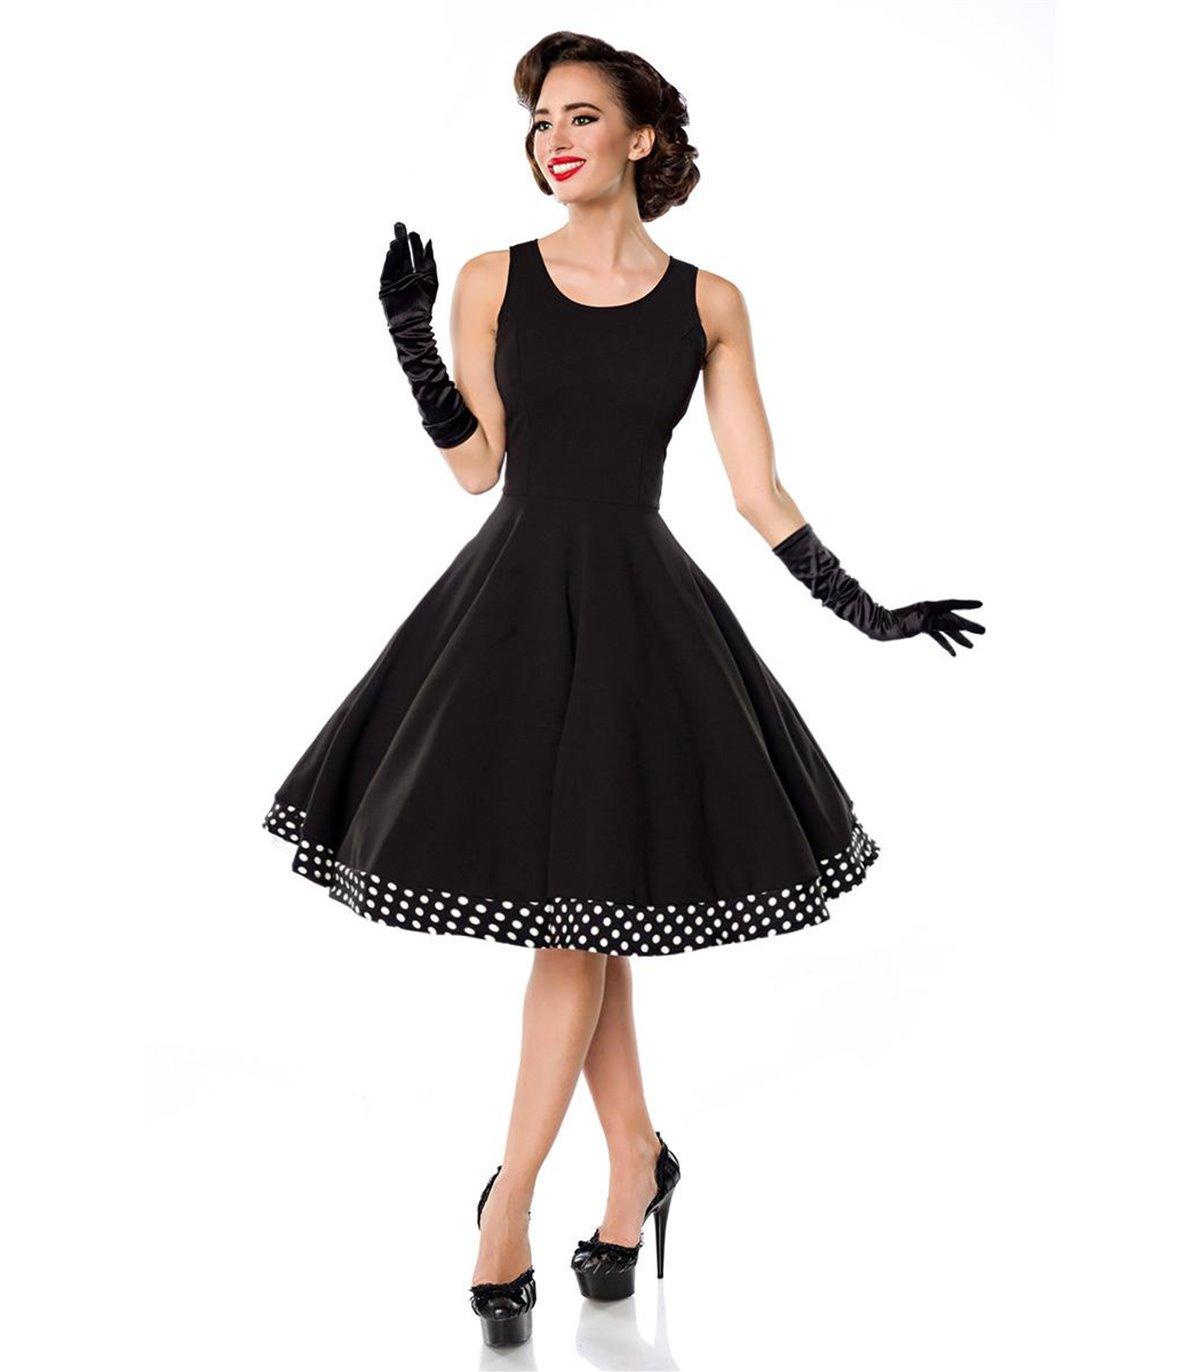 Belsira Swing-Kleid mit Cape schwarz/weiss - midi Kleider ...